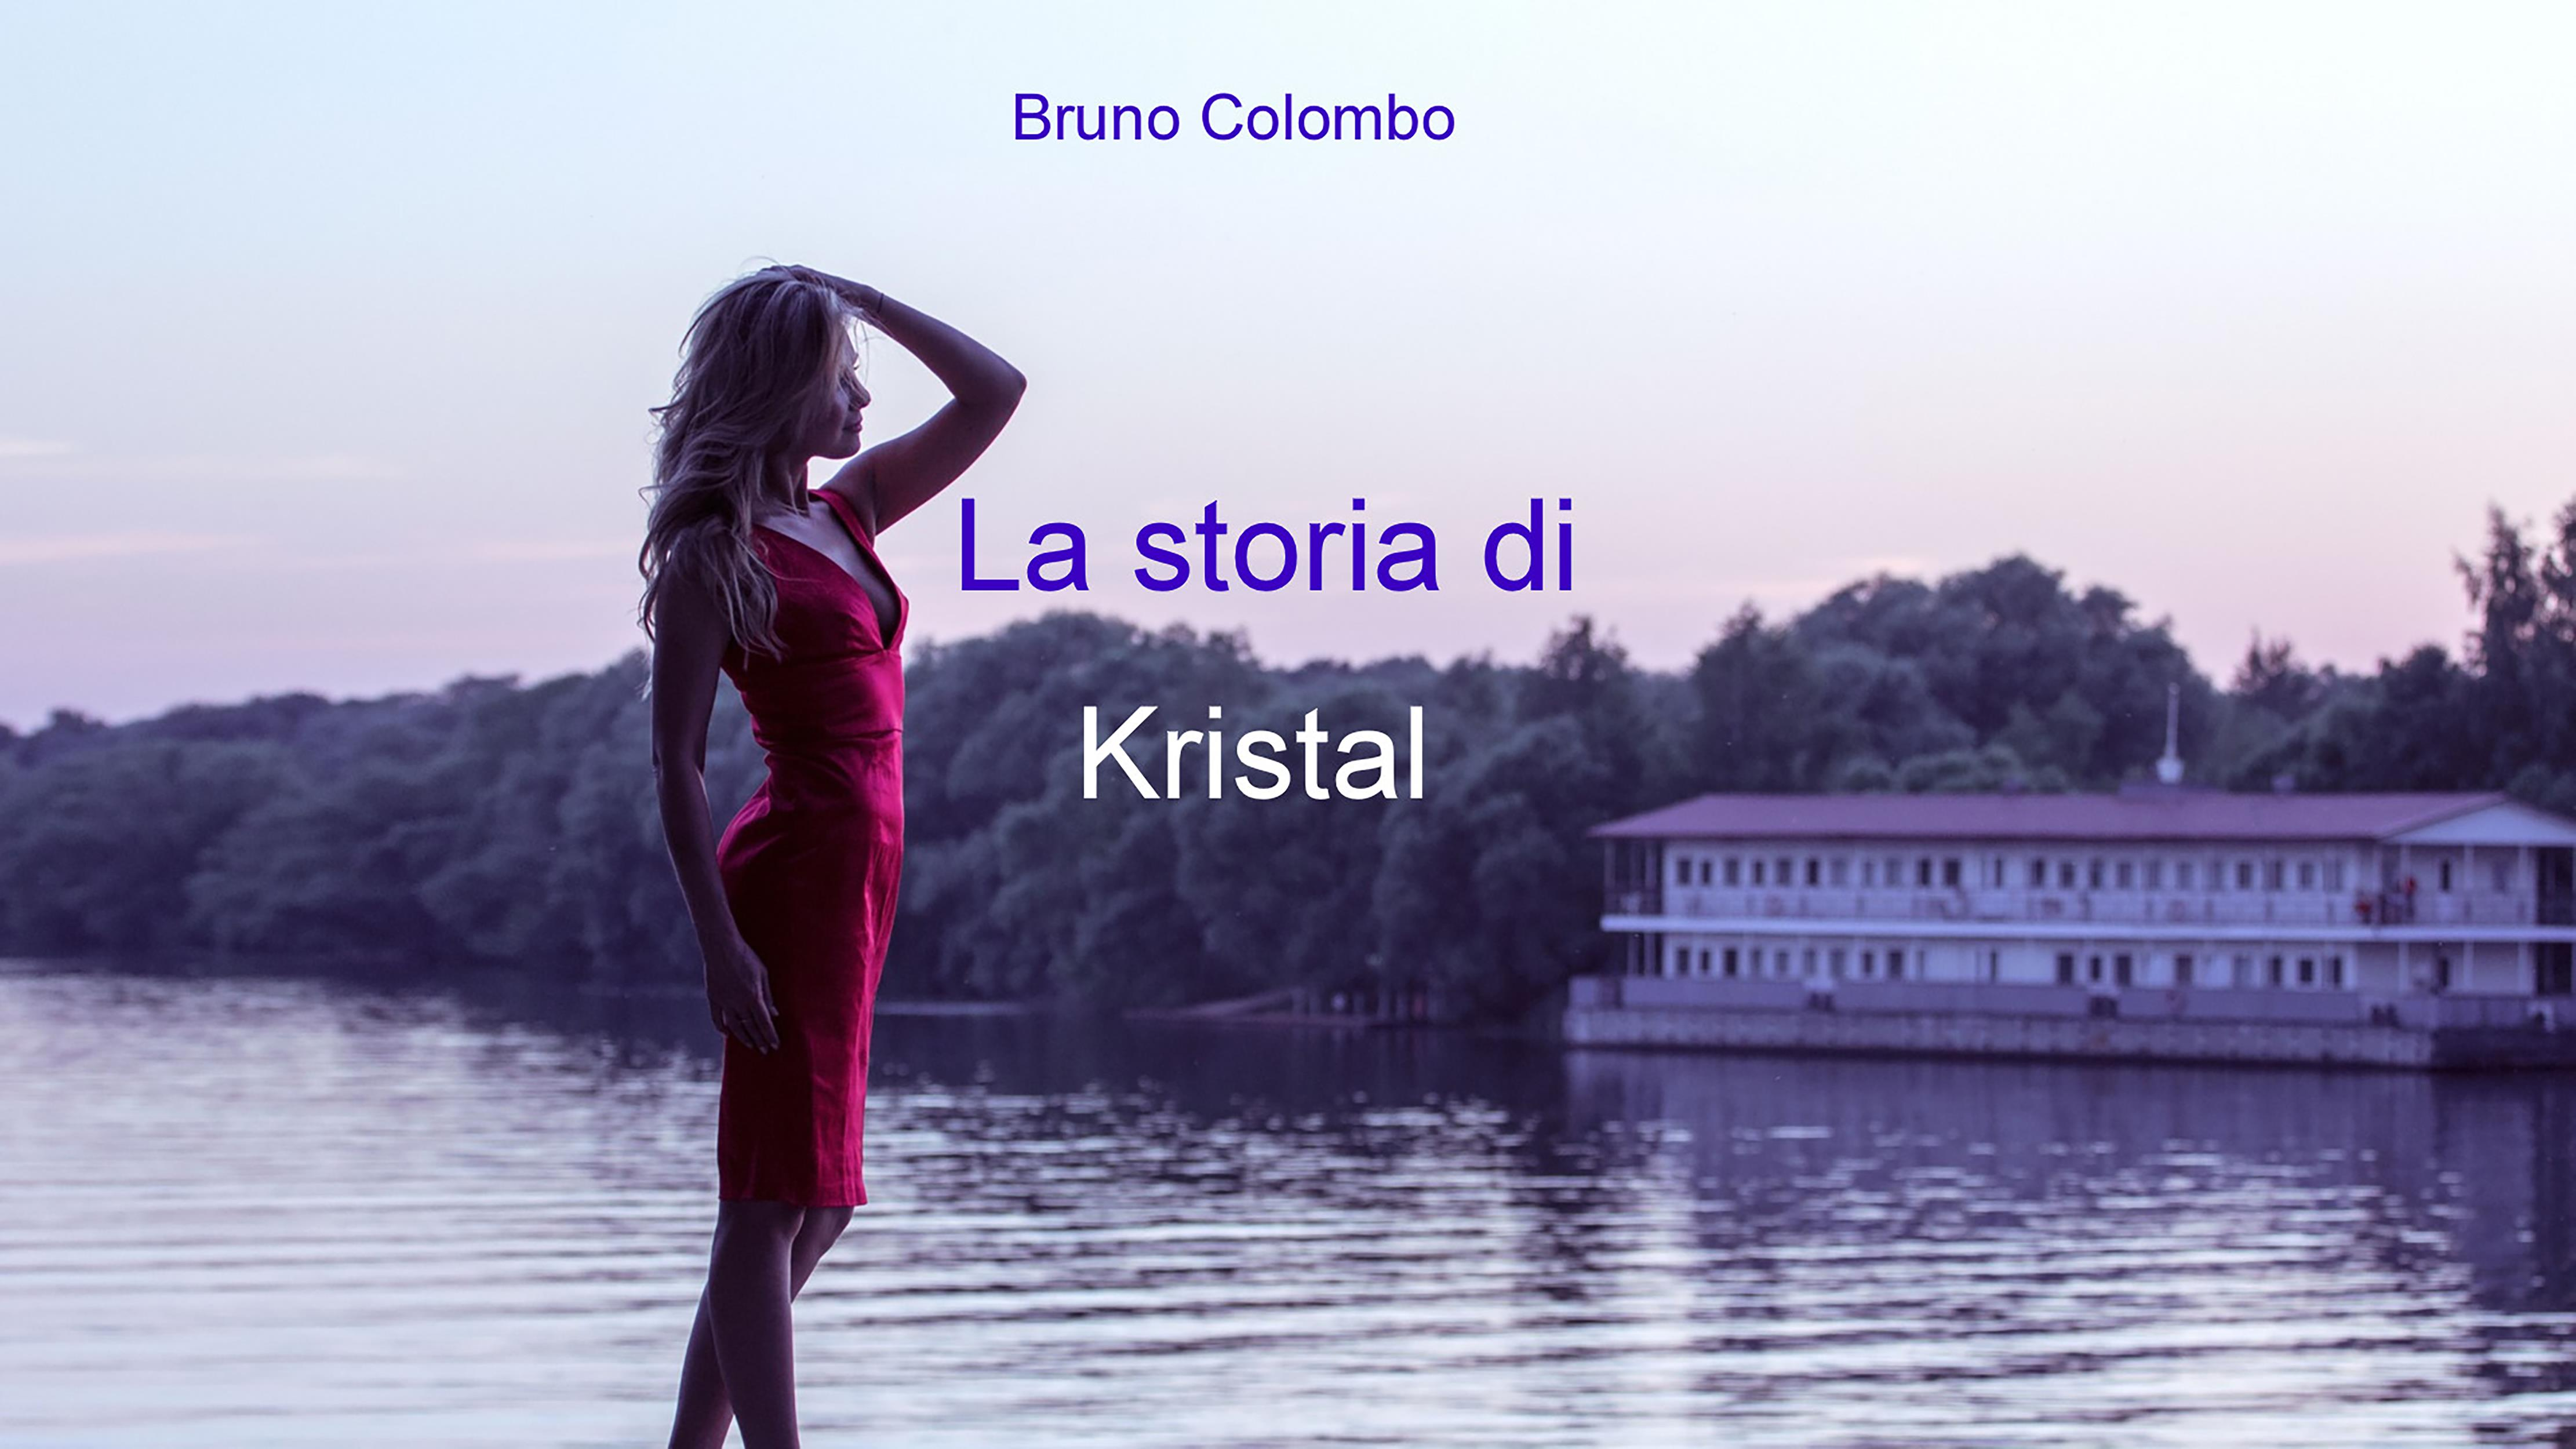 La storia di Kristal